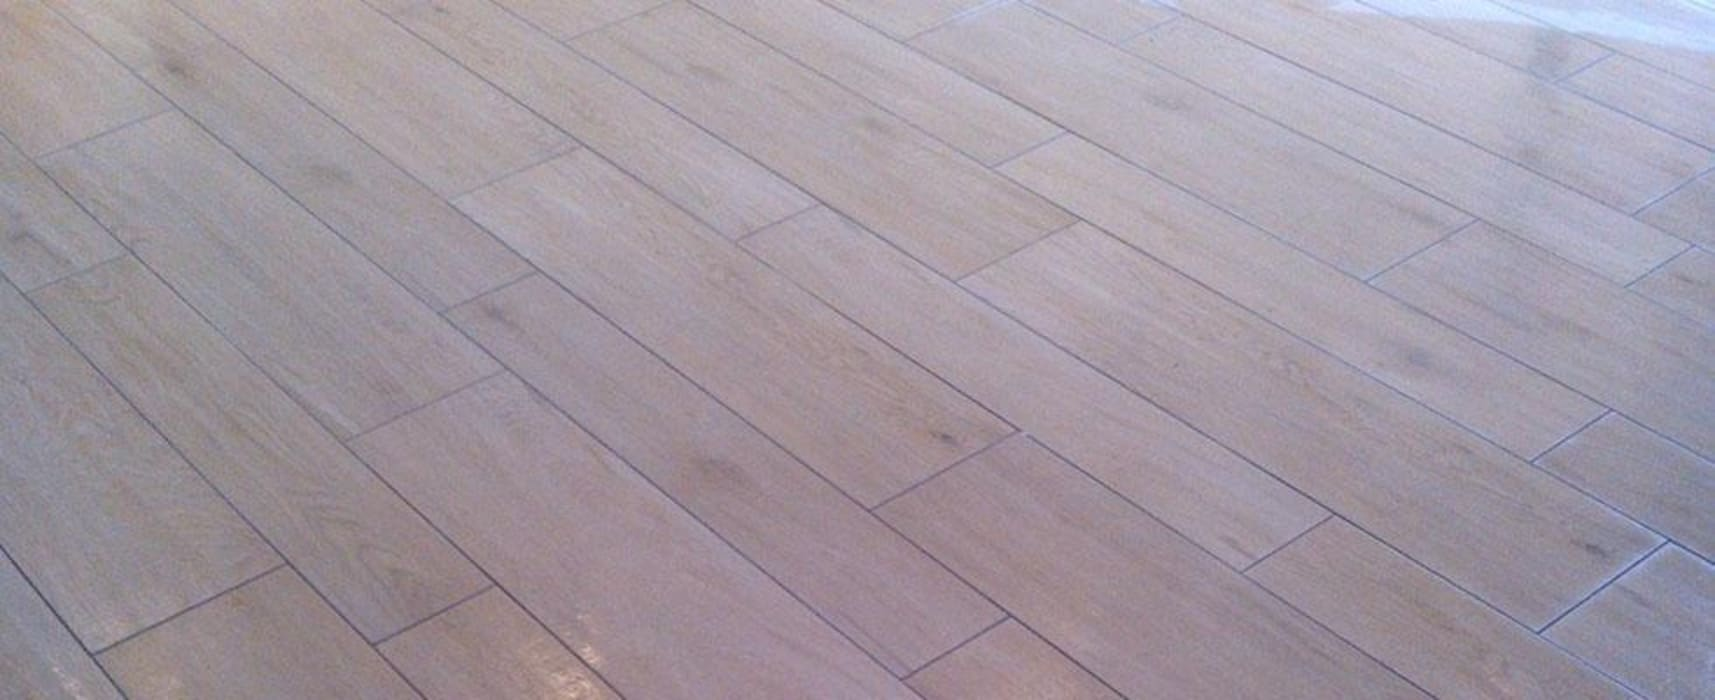 Cambiare pavimento senza rompere nulla? Ecco alcune soluzioni - Tucommit: Case in stile in stile Classico di Tucommit